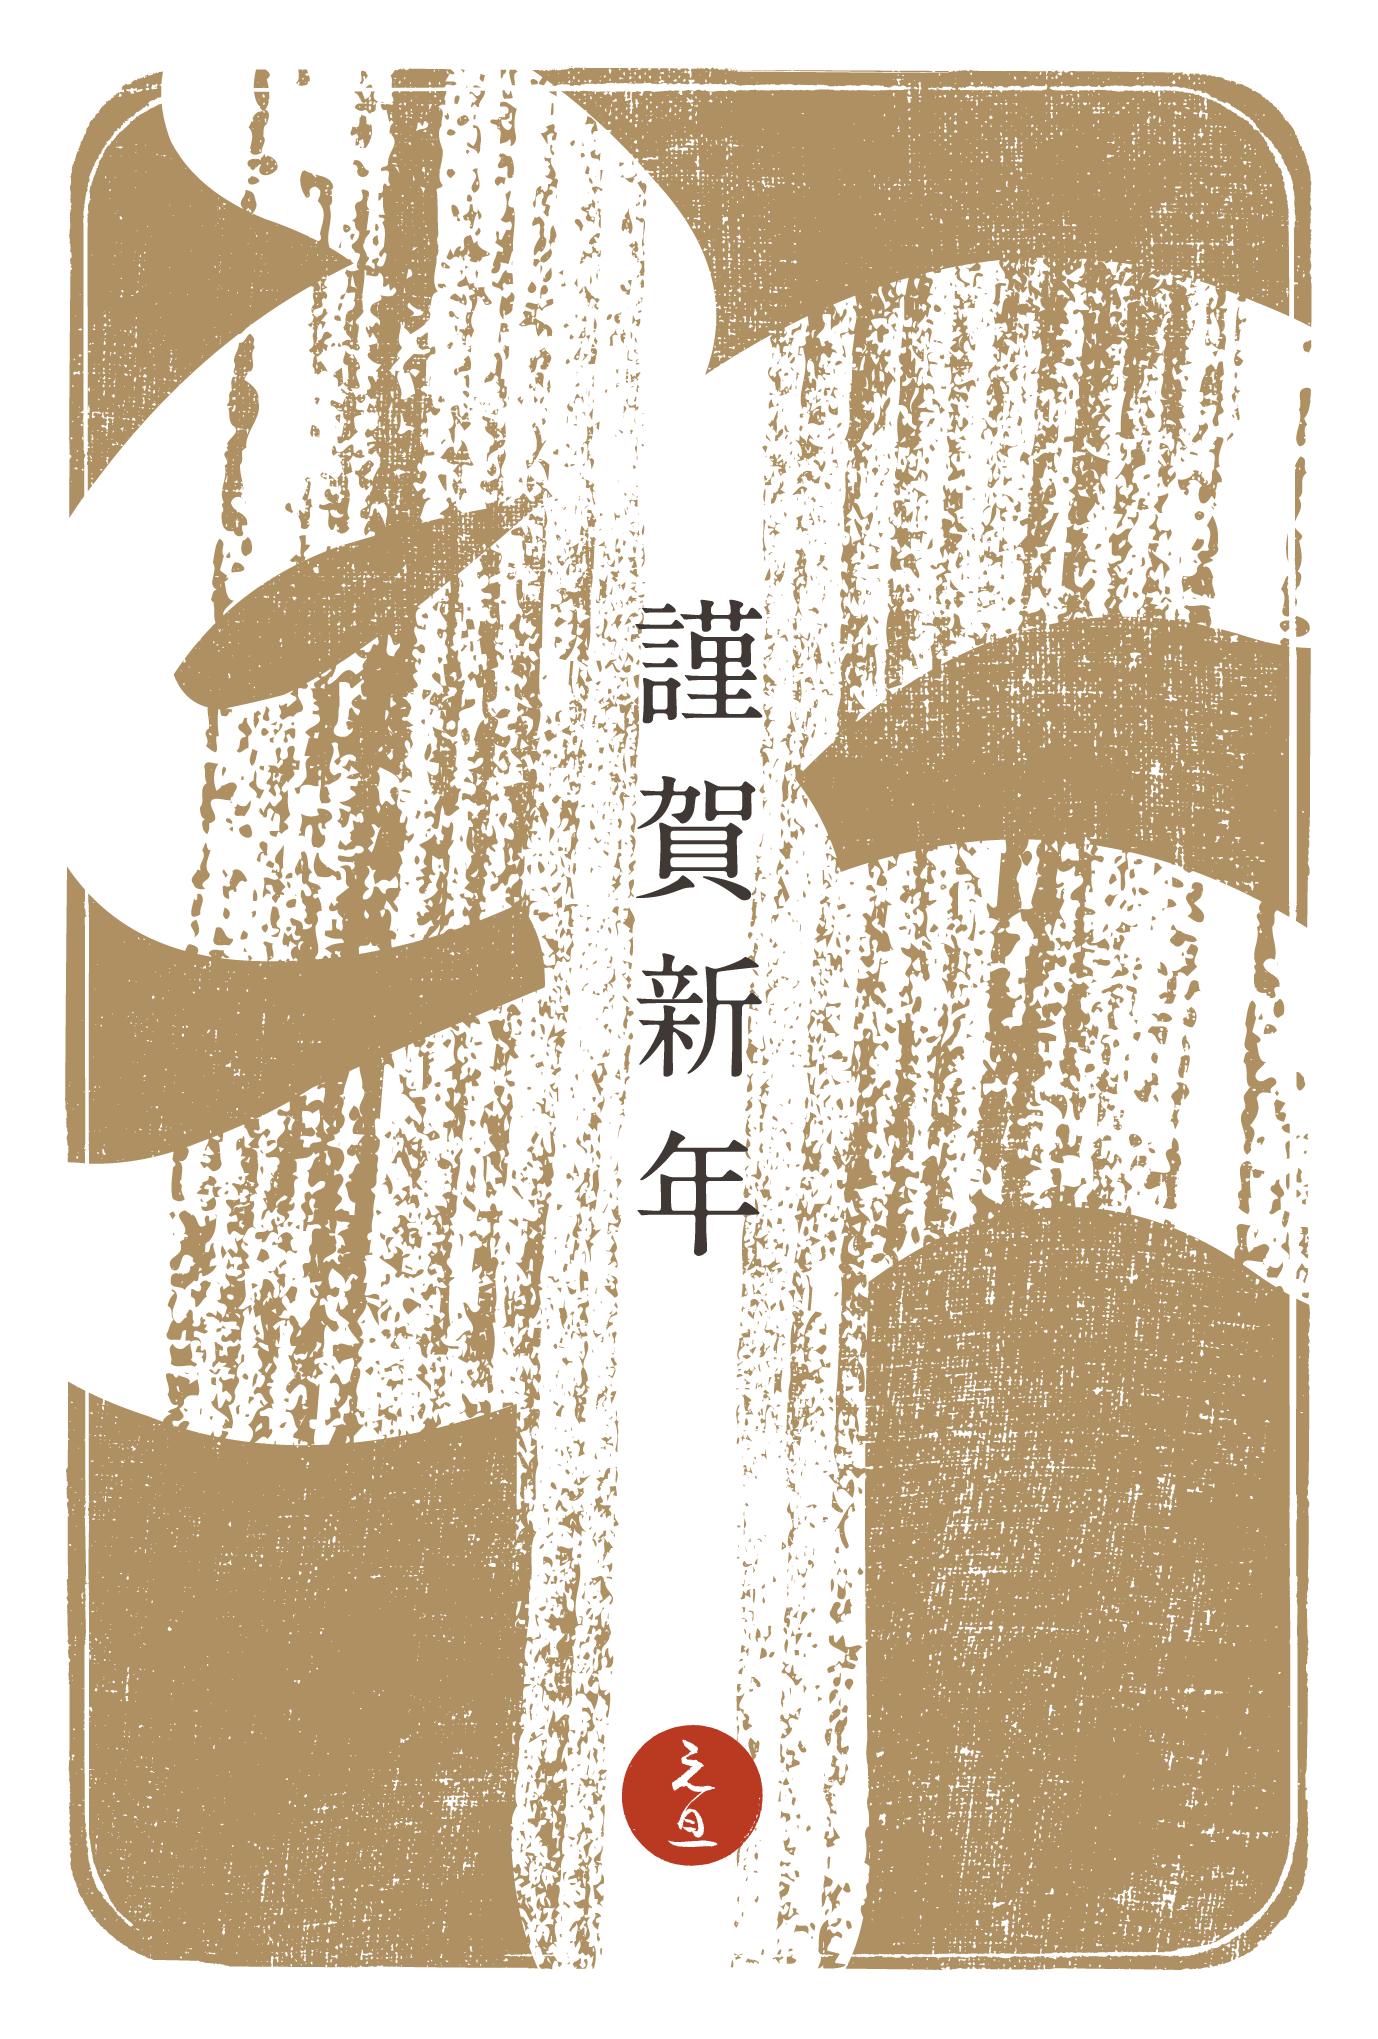 2014年賀状05-2:江戸勘亭流(午)榛色のダウンロード画像